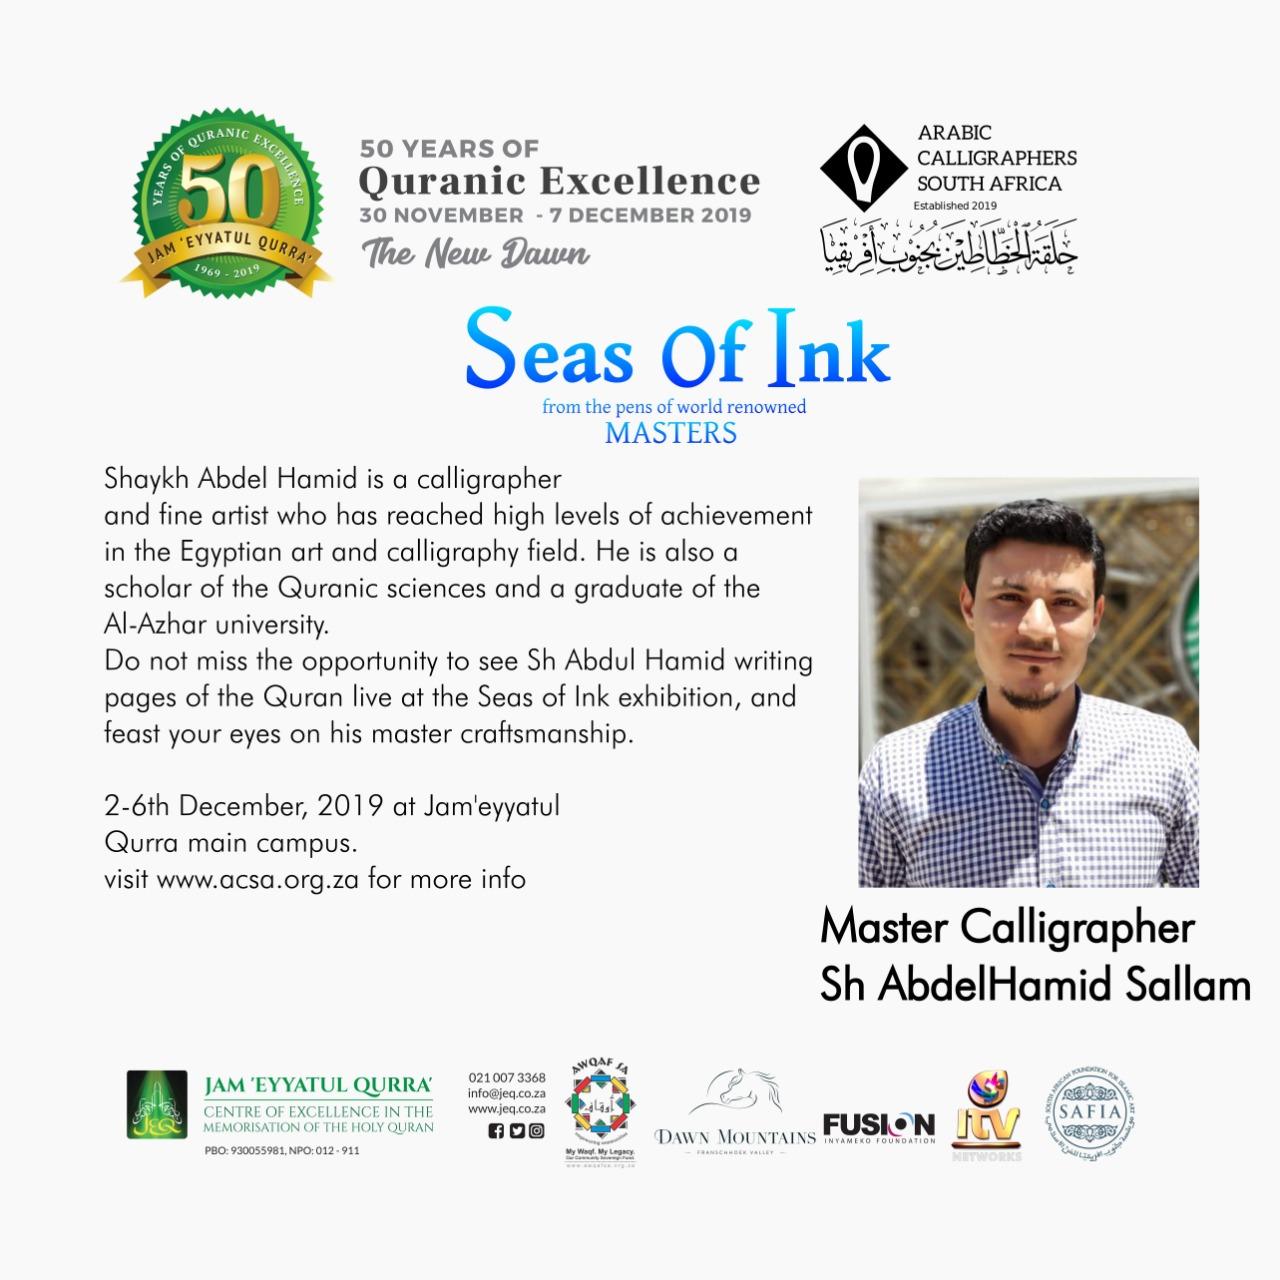 Sh AbdelHamid Sallam